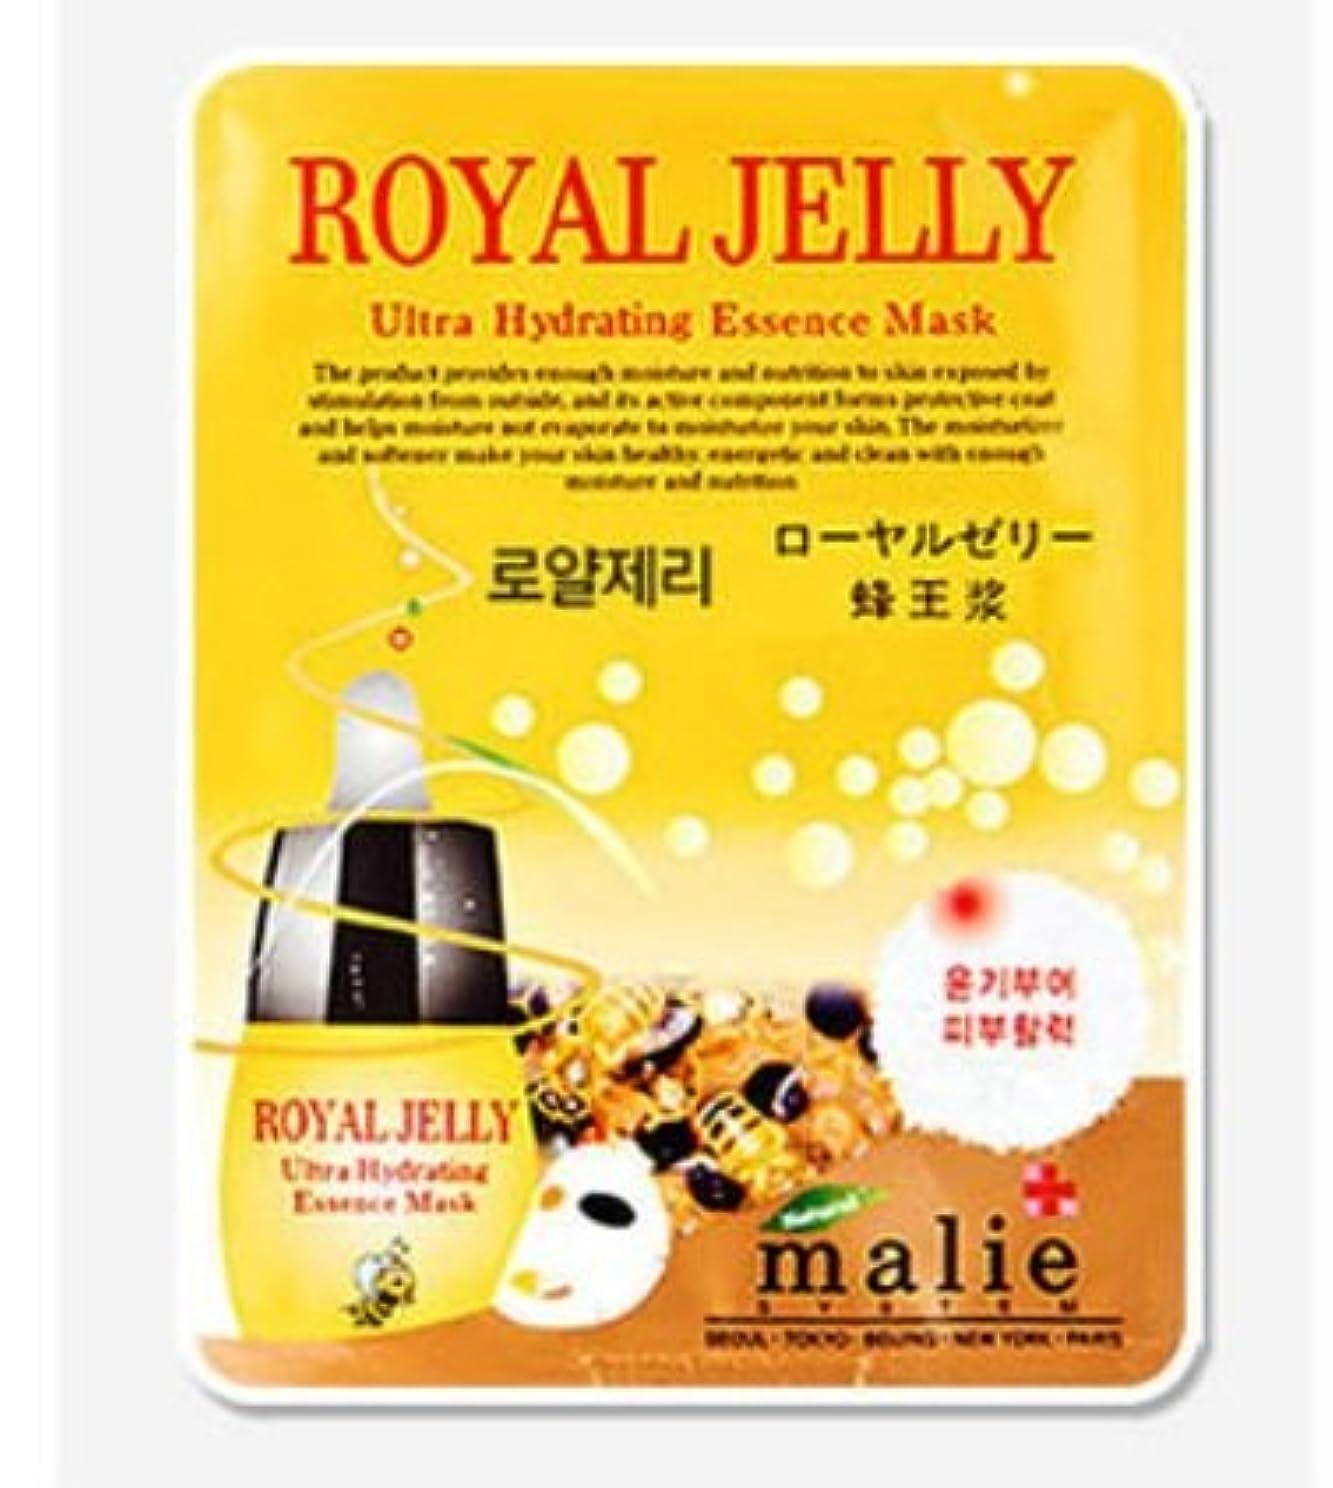 レベルインタラクション原子[MALIE] まりえローヤルゼリーウルトラ?ハイドレーティング?エッセンスマスク25gX10枚 / Malie Royal Jelly Ultra Hydrating Essence Mask [並行輸入品]